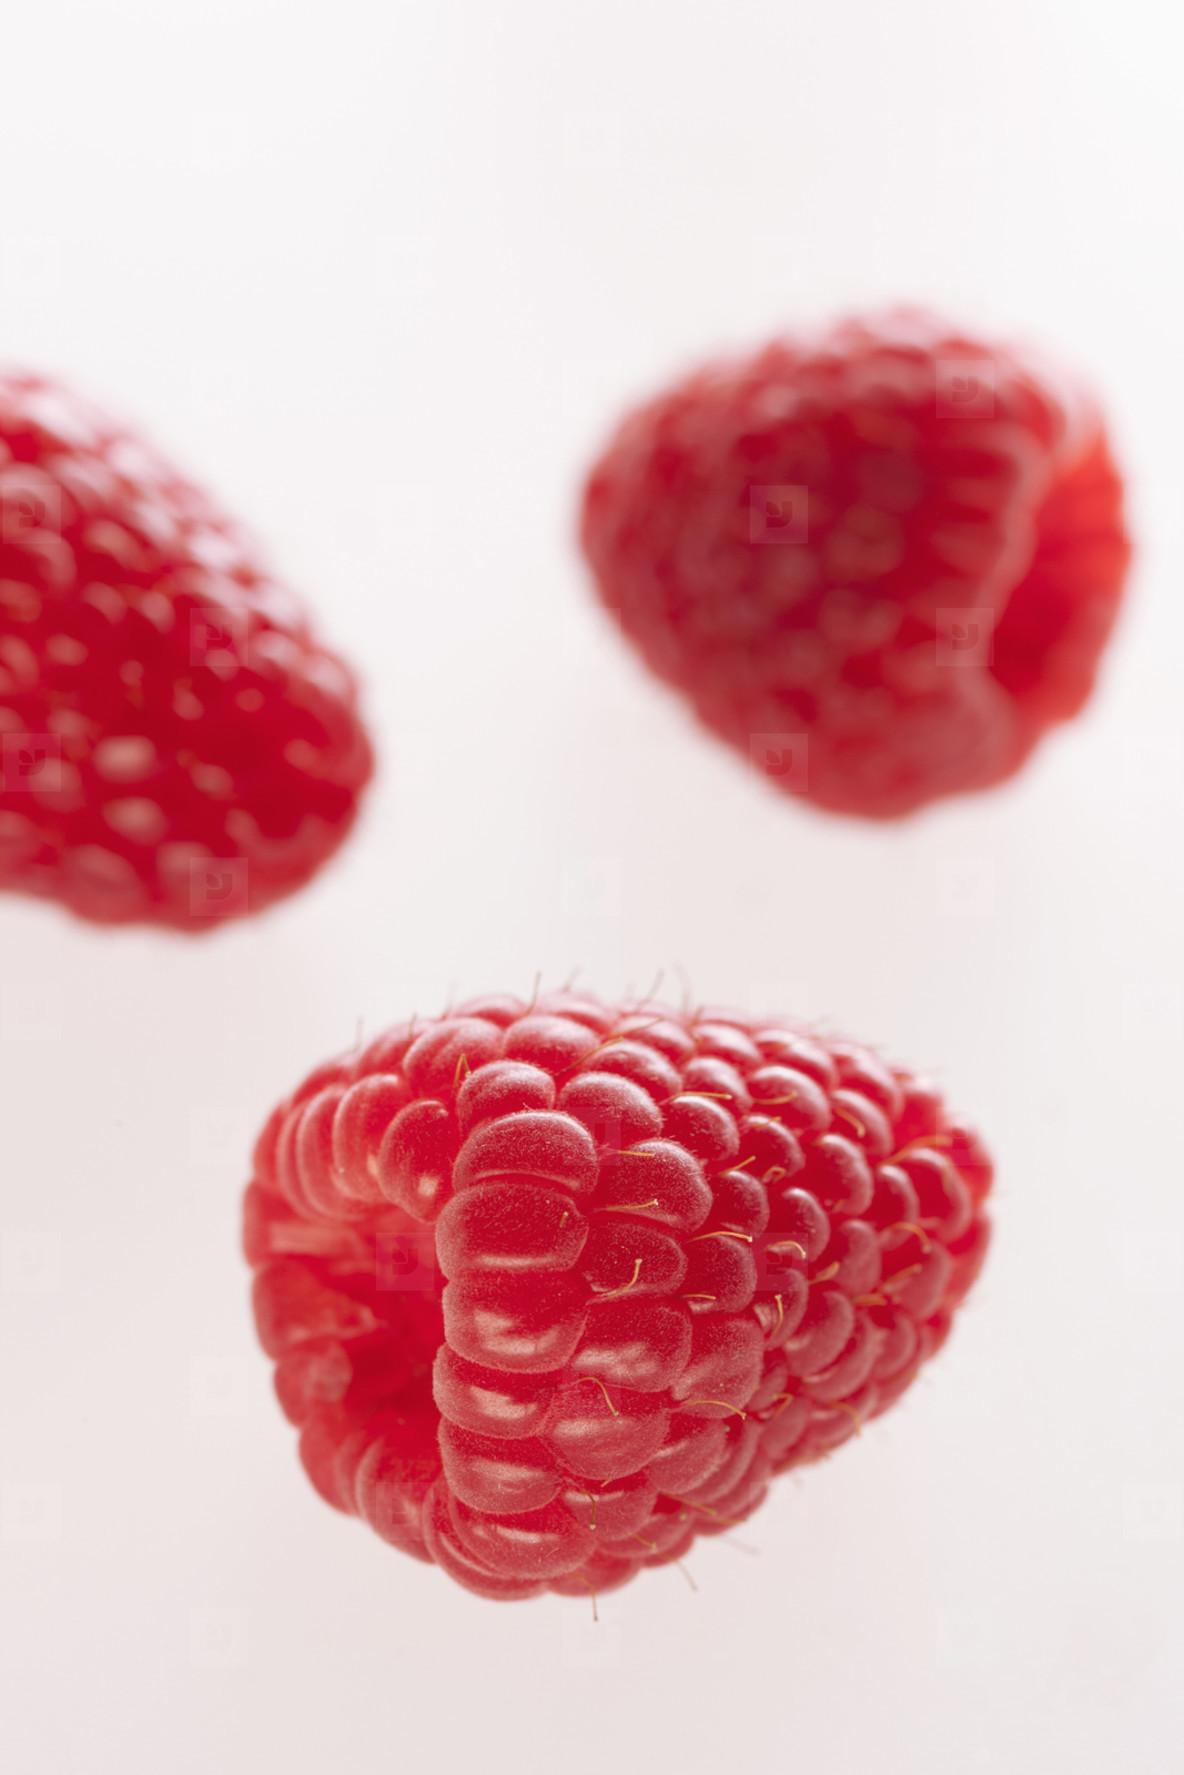 Strange Fruits  12